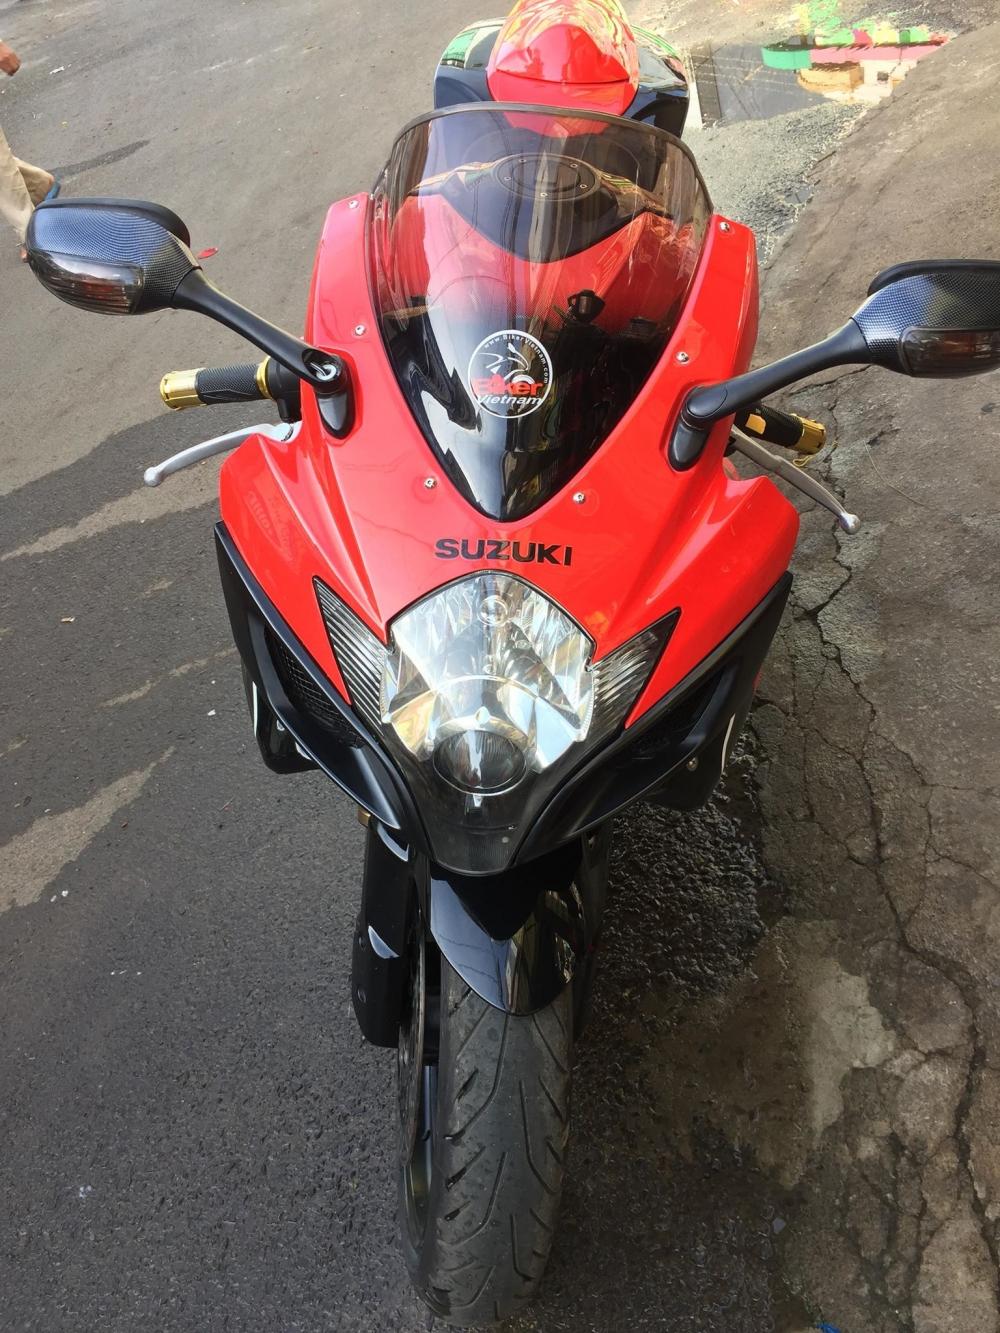 Suzuki GSXR750 ngua dua huyen thoai len san - 10